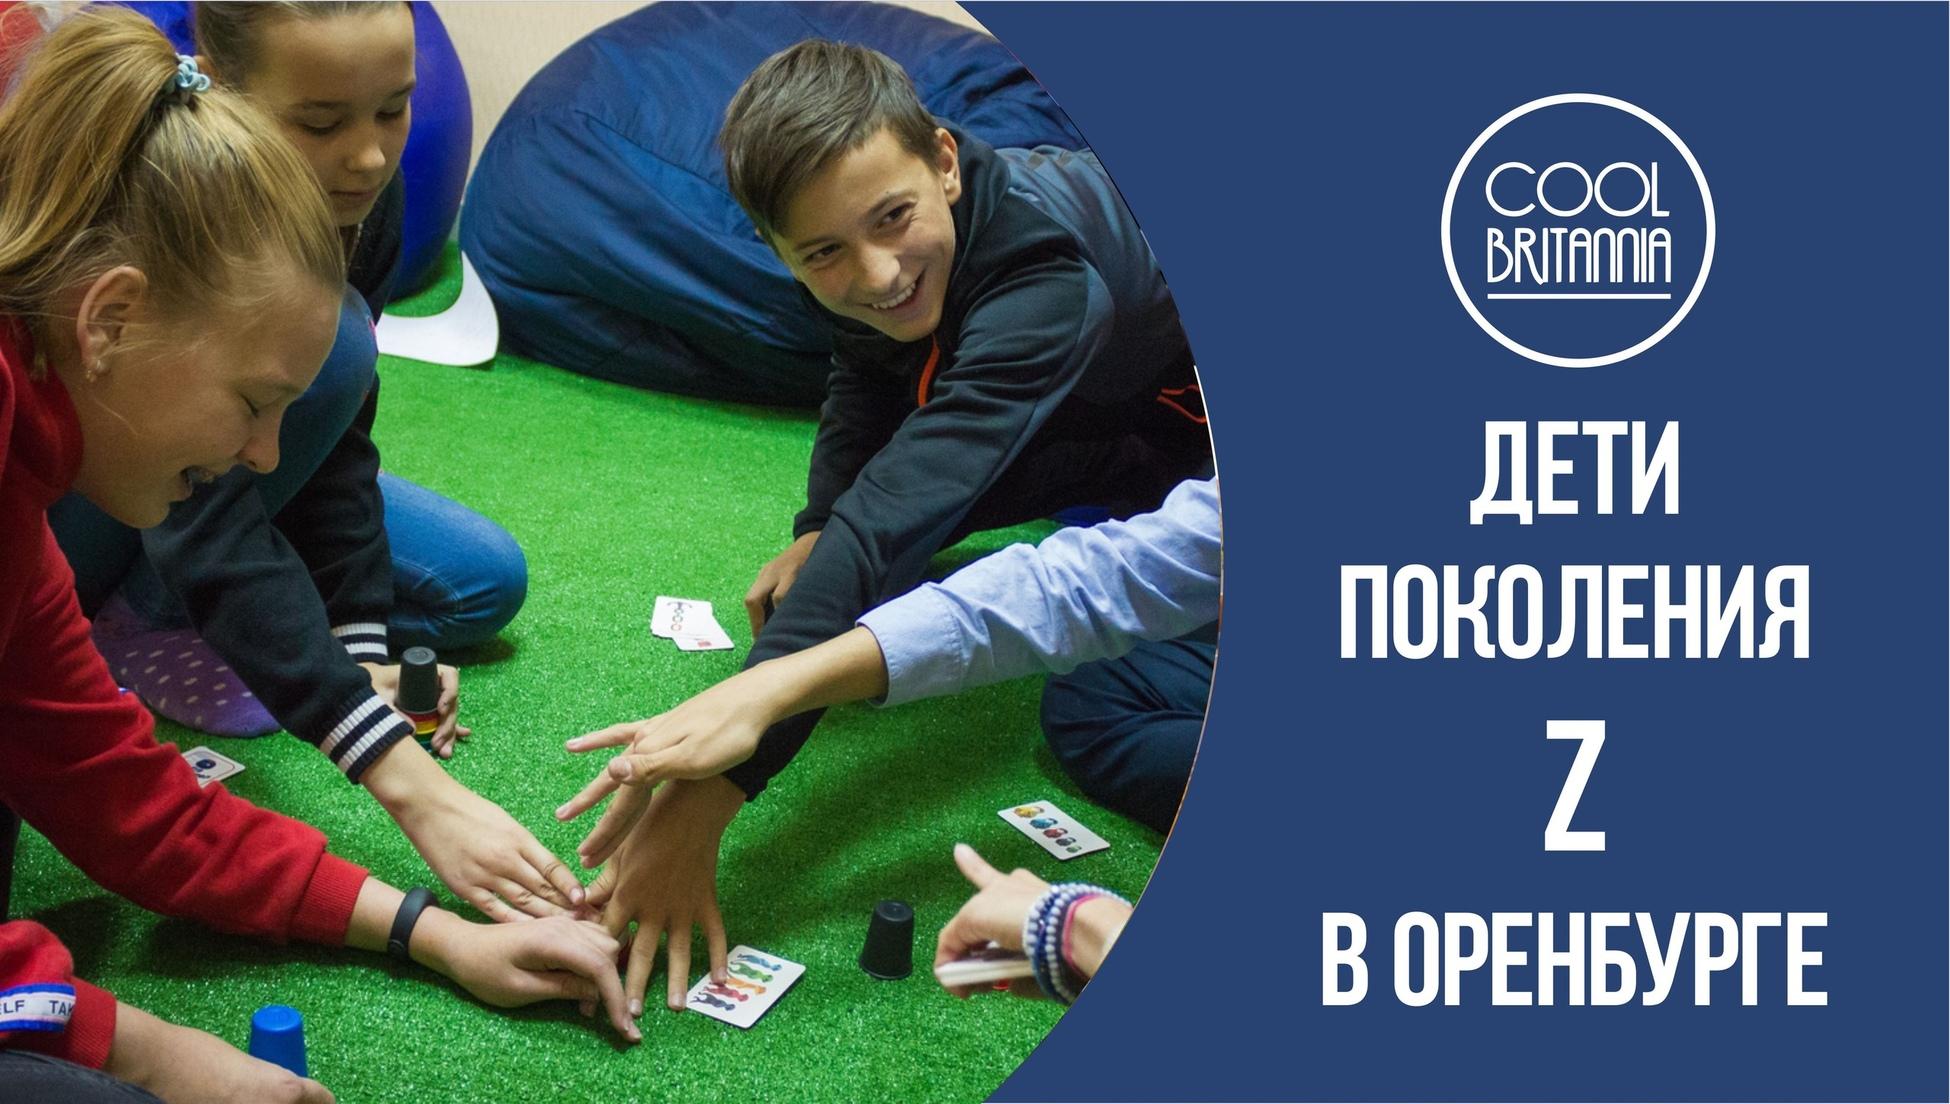 Дети поколения Z в Оренбурге.